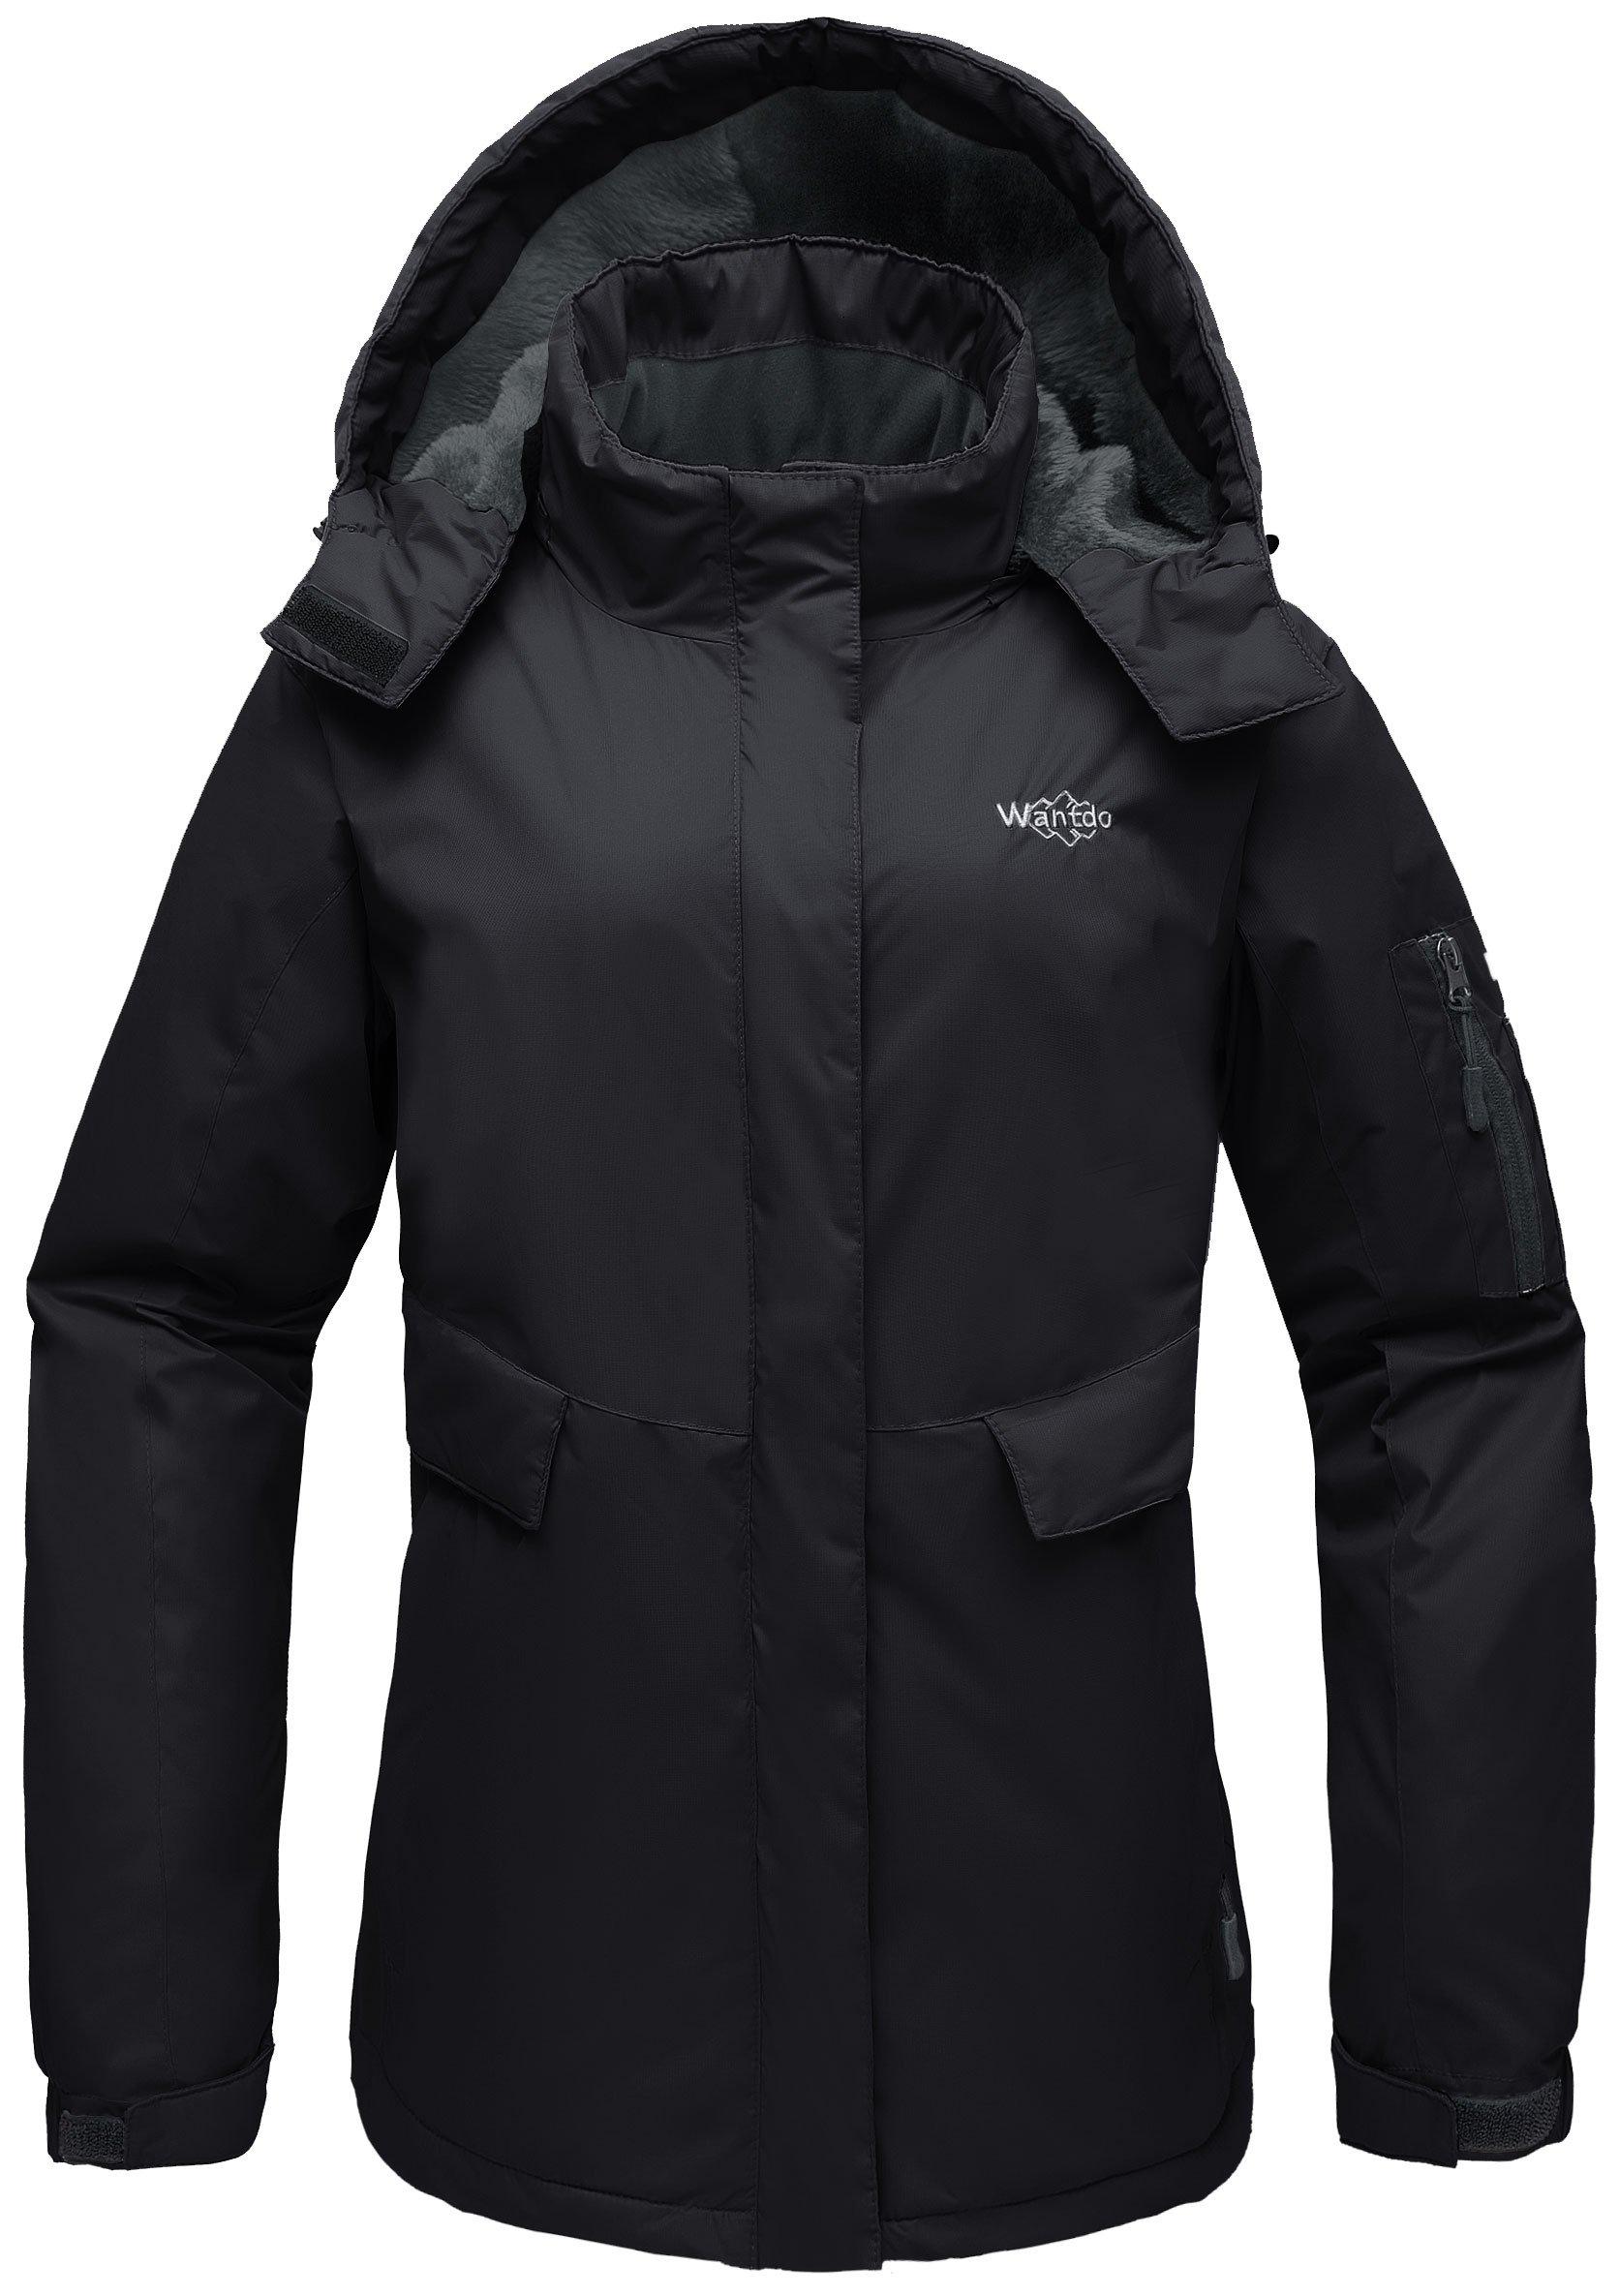 Wantdo Women's Waterproof Warm Snow Jacket Hooded Cotton Padded Winter Outwear Raincoat Windbreaker for Skiing(Black, Medium)